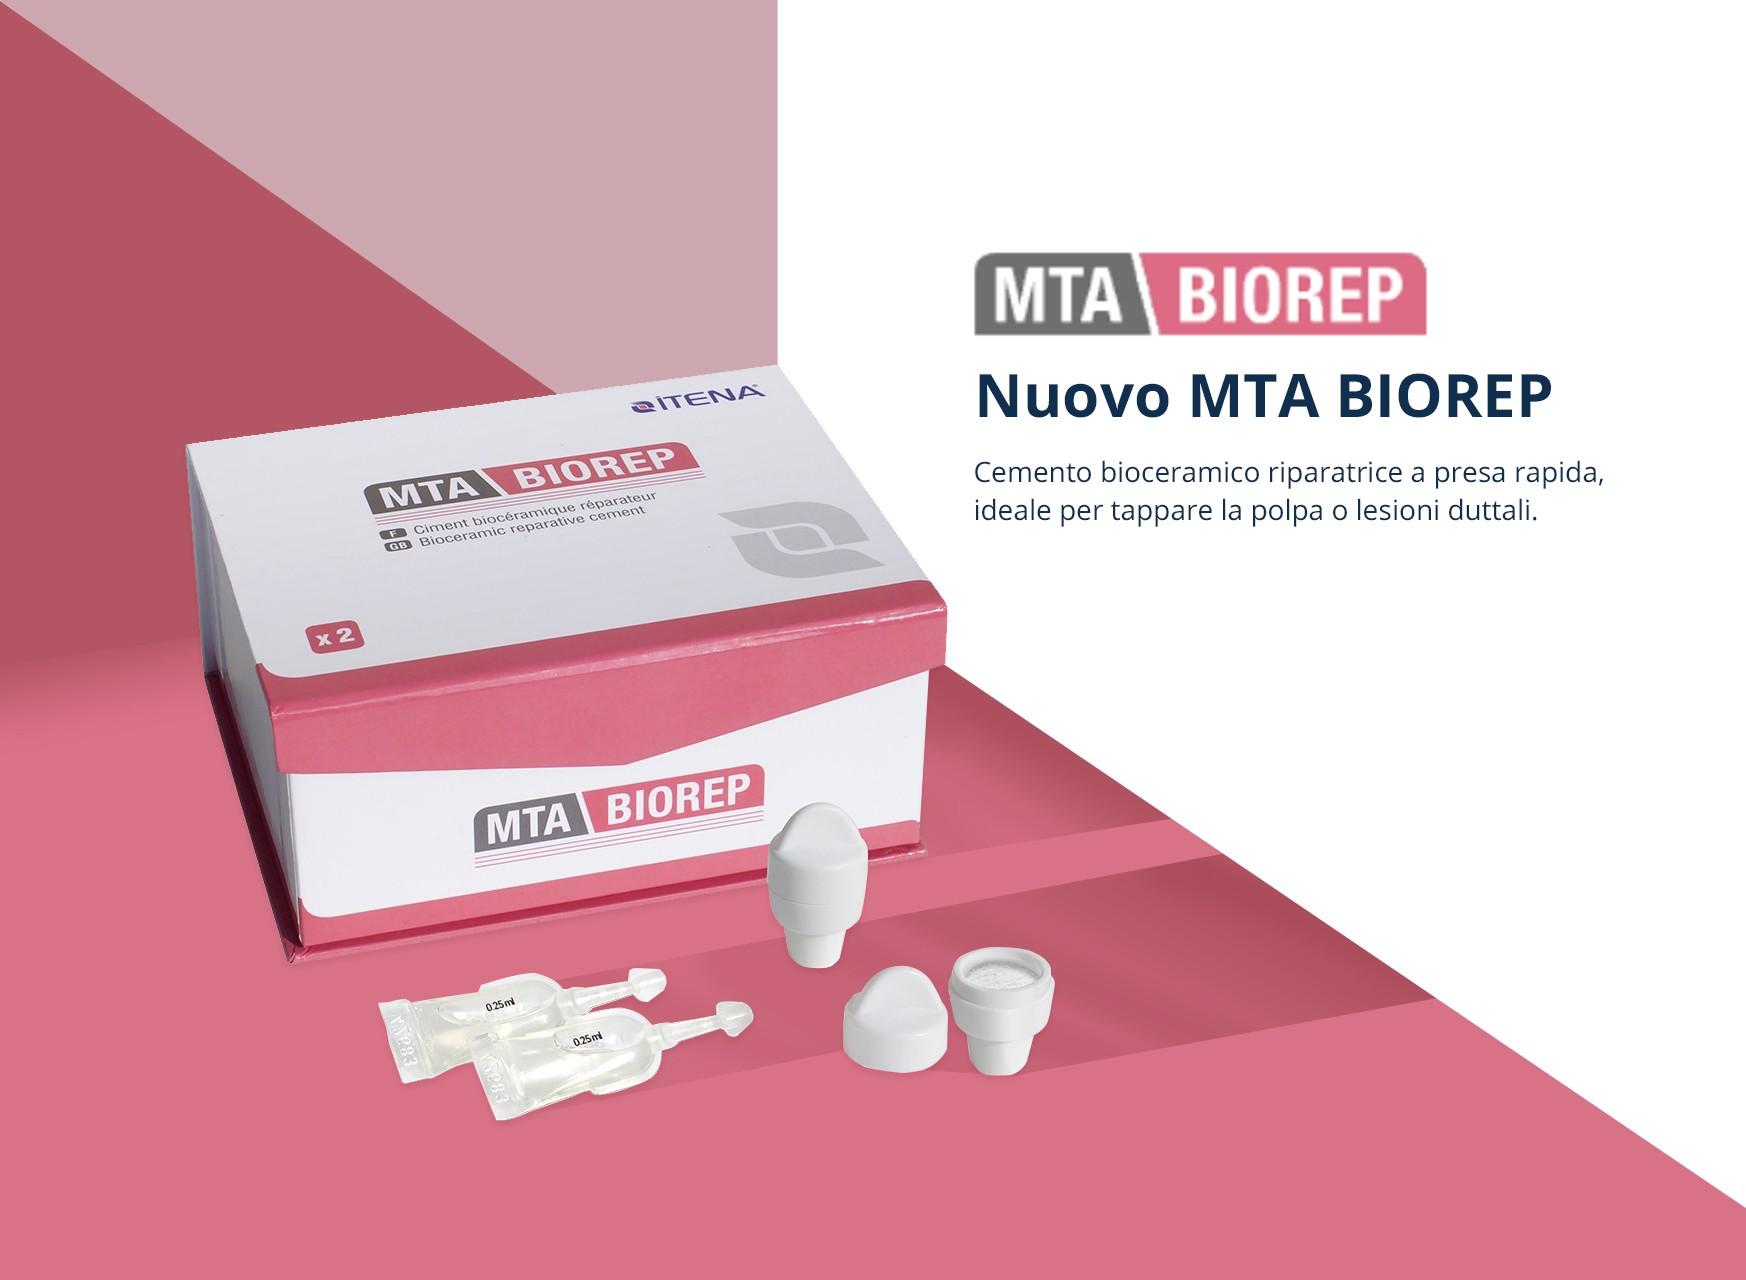 MTA Biorep - Cemento riparativo bioceramico